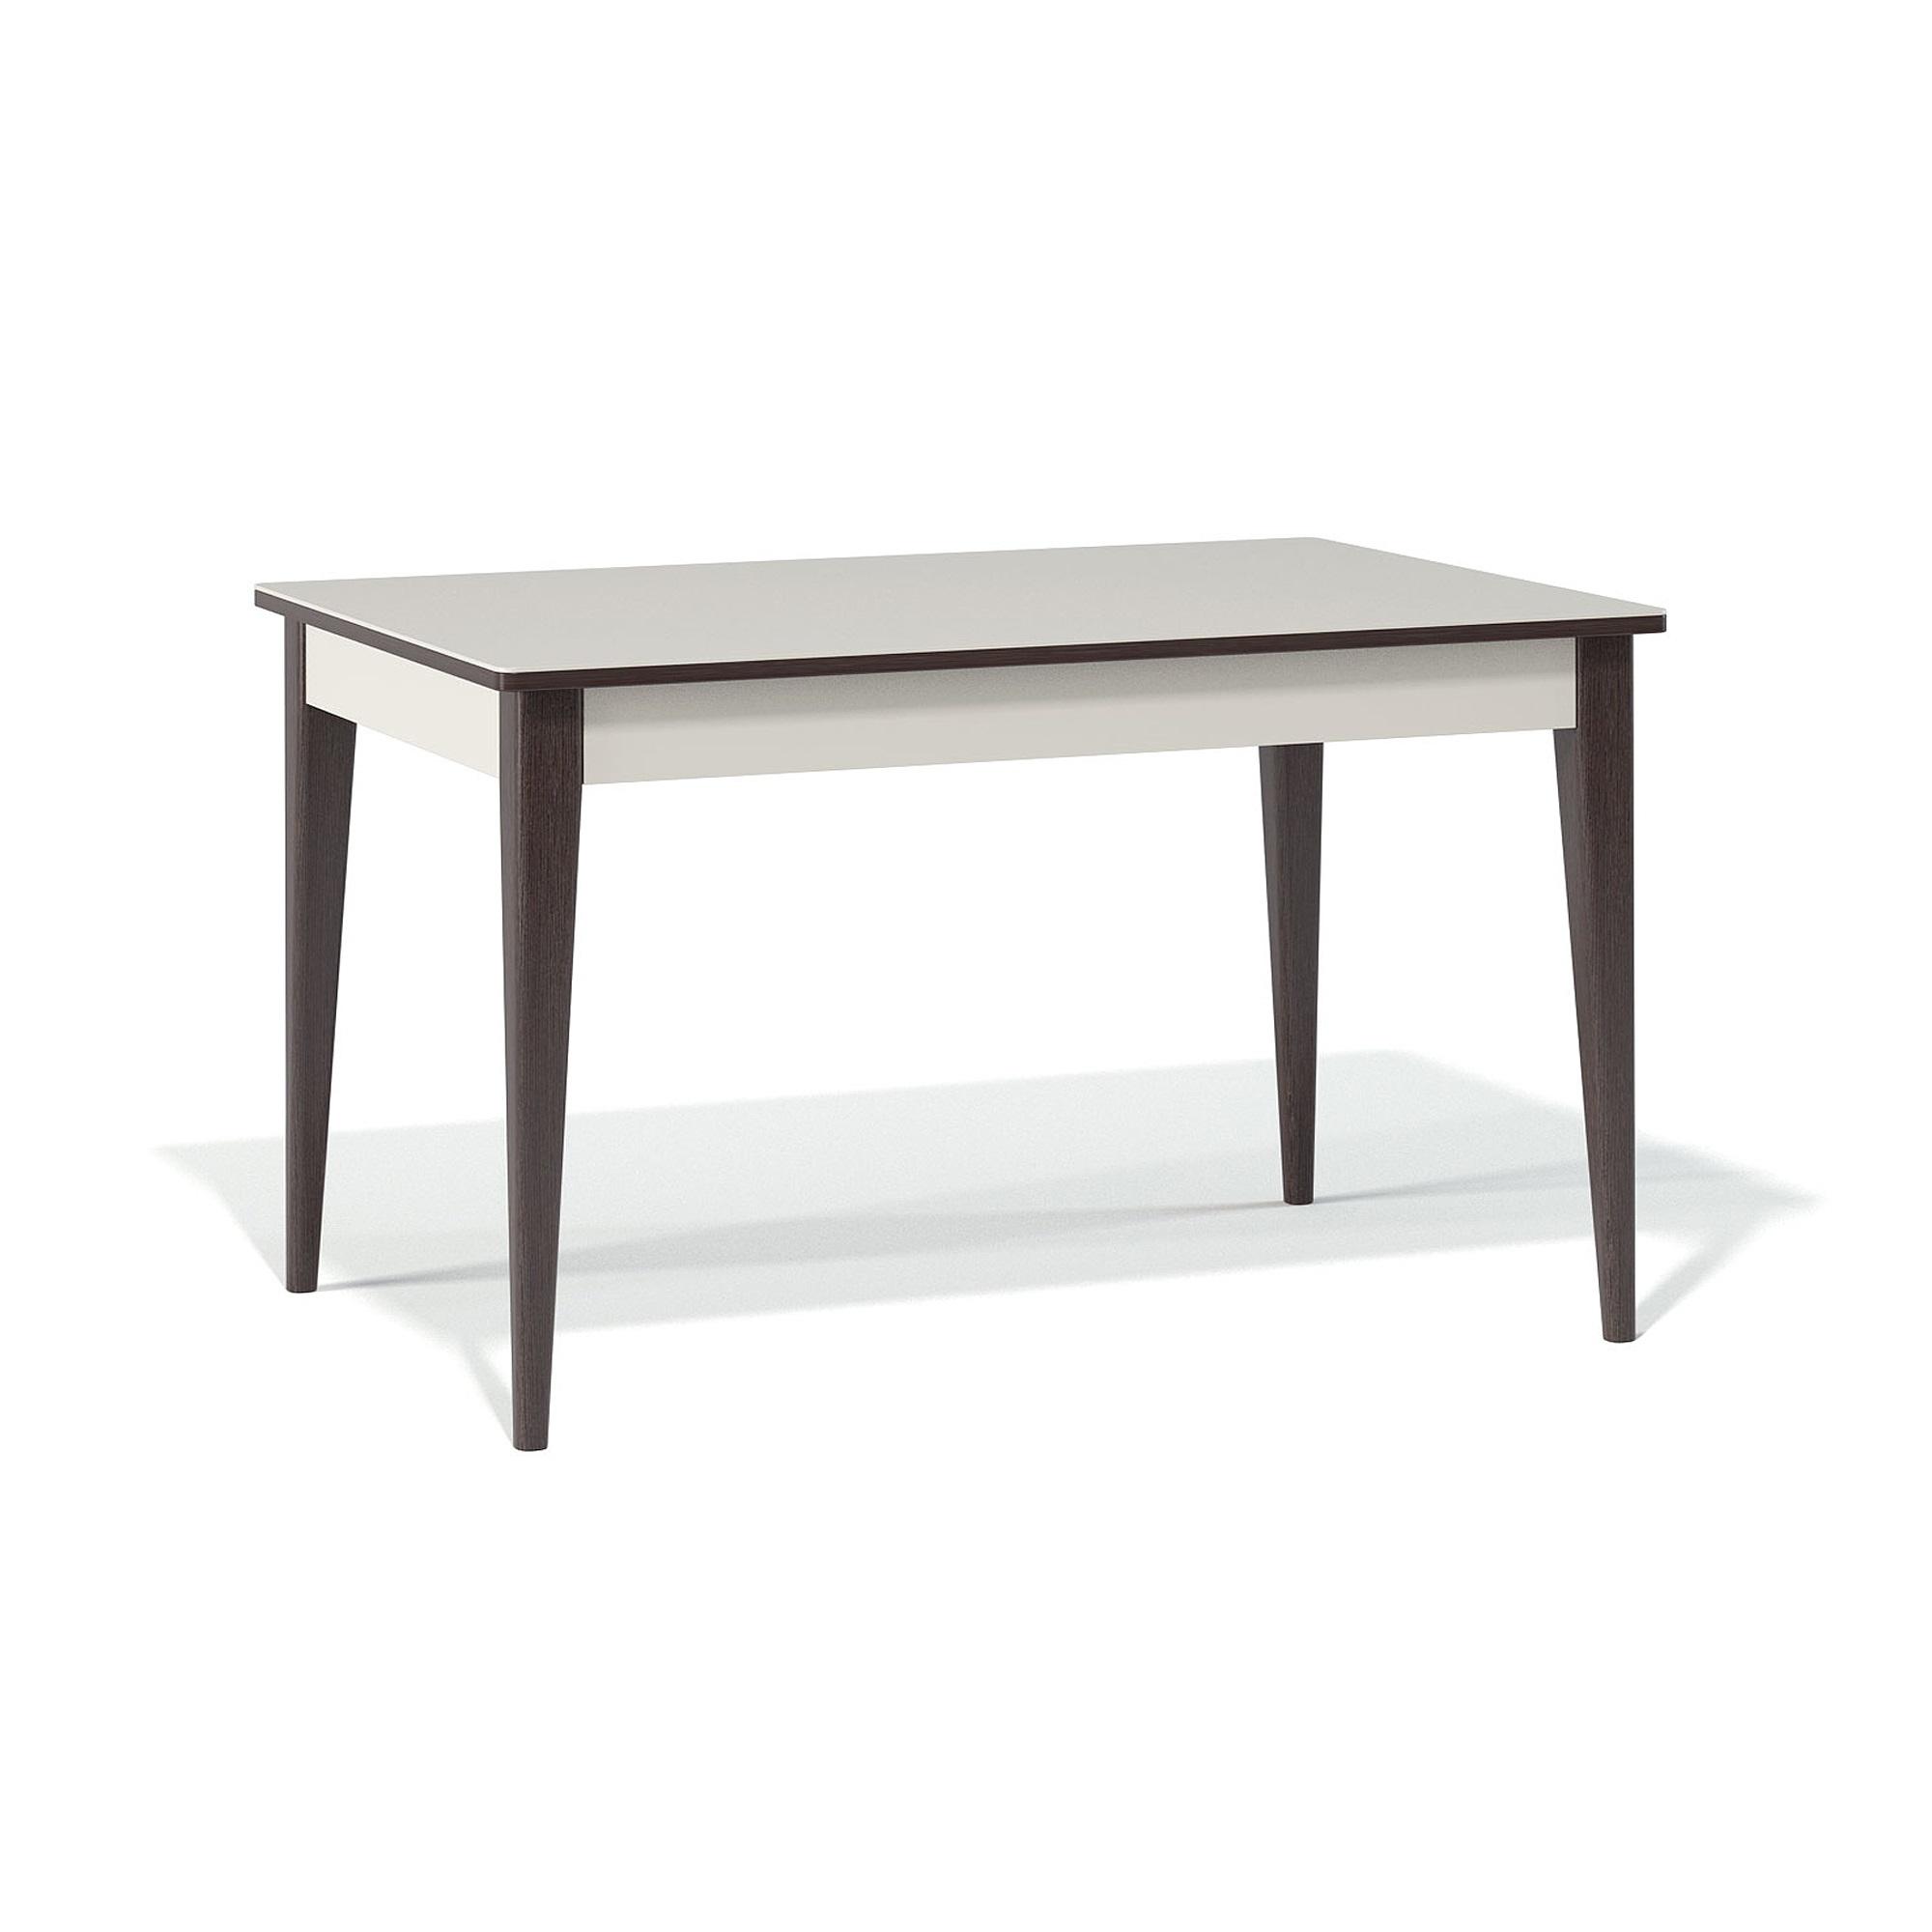 Стол обеденный KennerОбеденные столы<br>Изюминка и оригинальность этого стола заключается в его механизме раскладки. Раскладка происходит вместе с опорами - такой механизм называется &amp;quot;телескоп&amp;quot; - очень удобно и быстро можно организовать дополнительное место для гостей.&amp;amp;nbsp;&amp;lt;div&amp;gt;&amp;lt;br&amp;gt;&amp;lt;/div&amp;gt;&amp;lt;div&amp;gt;Столешница стола выполнена из стекла (4 мм)+лдсп, ножки стола - массив бука.&amp;amp;nbsp;&amp;lt;/div&amp;gt;&amp;lt;div&amp;gt;За столом свободно поместится от 6 до 8 человек.&amp;lt;/div&amp;gt;&amp;lt;div&amp;gt;Размеры разложенной столешницы: 170х80 см.&amp;lt;/div&amp;gt;<br><br>Material: Стекло<br>Width см: 120<br>Depth см: 80<br>Height см: 76